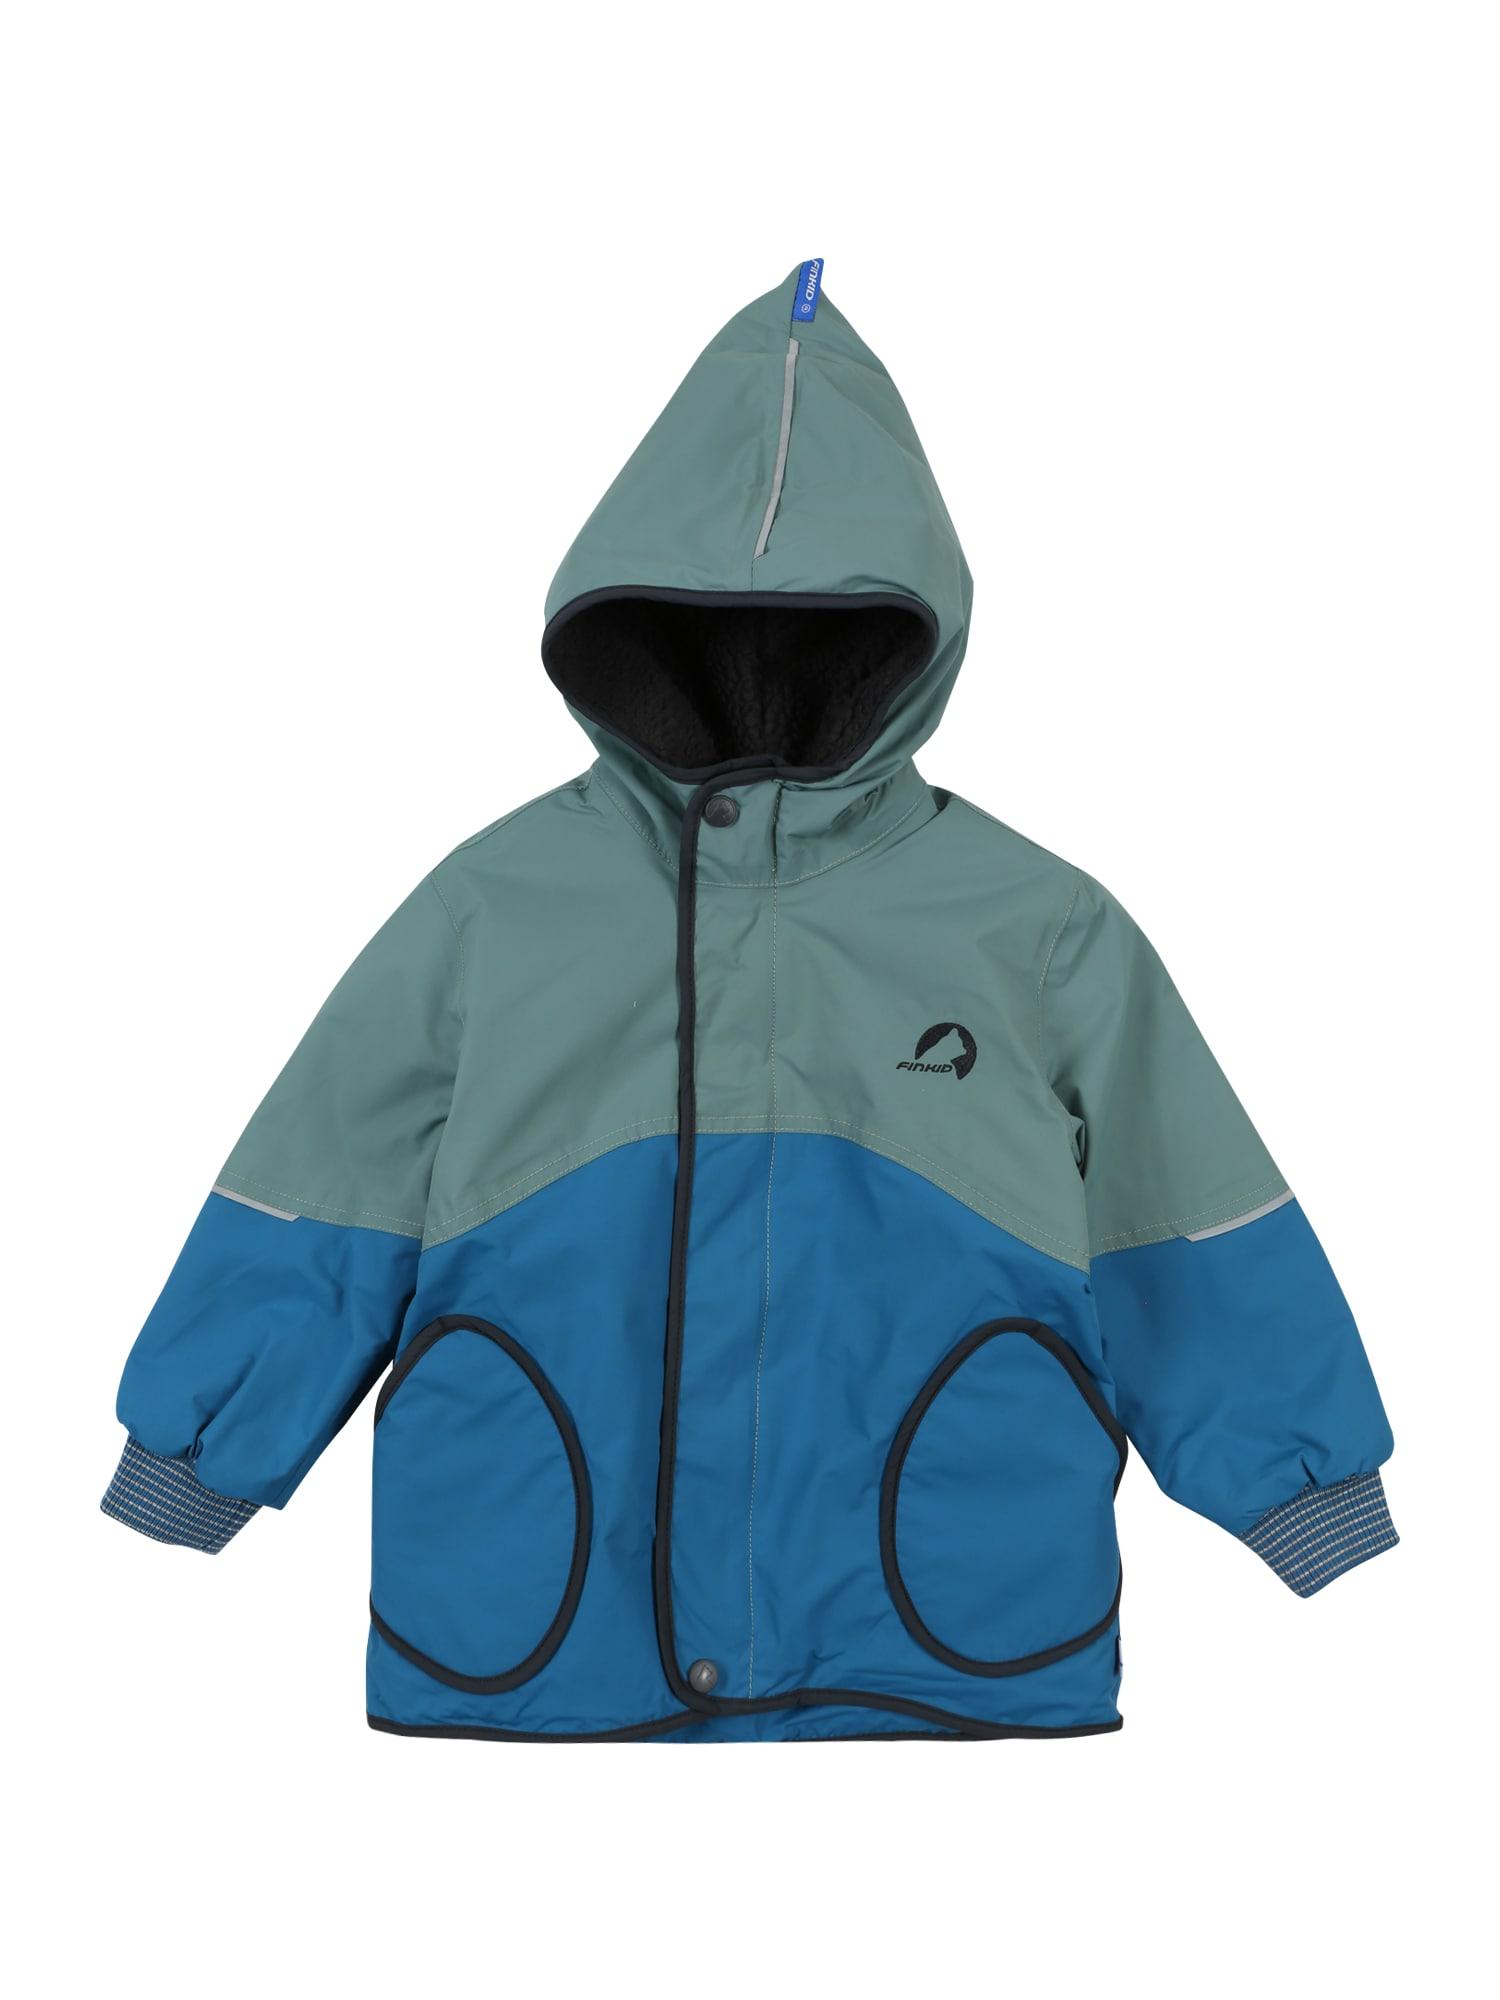 FINKID Žieminė striukė mėlyna / pastelinė mėlyna